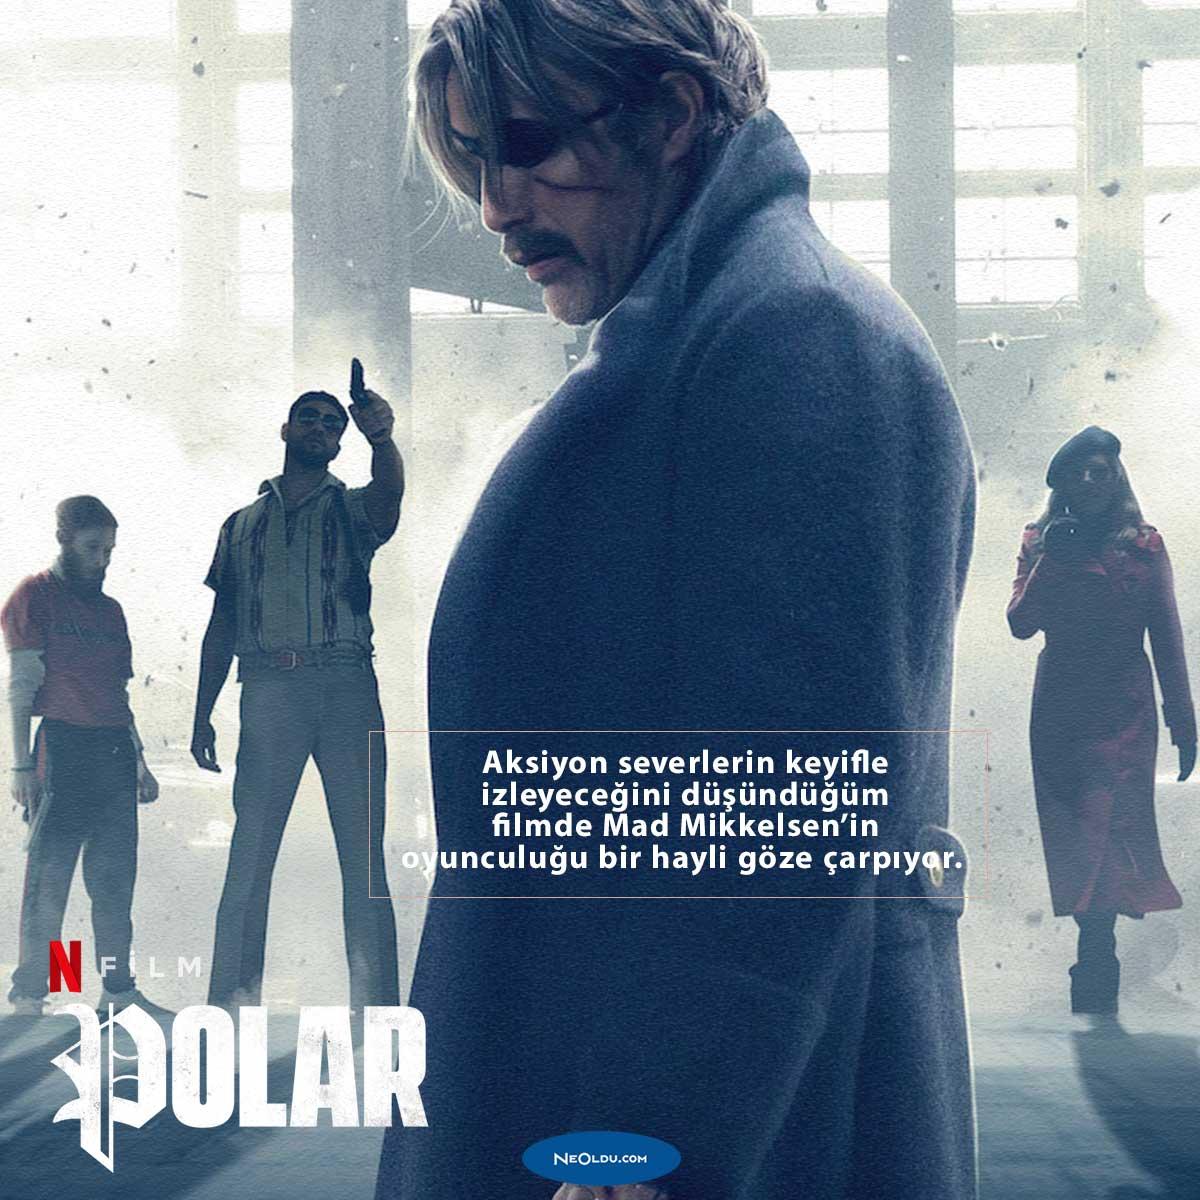 Netflix Polar Filmi